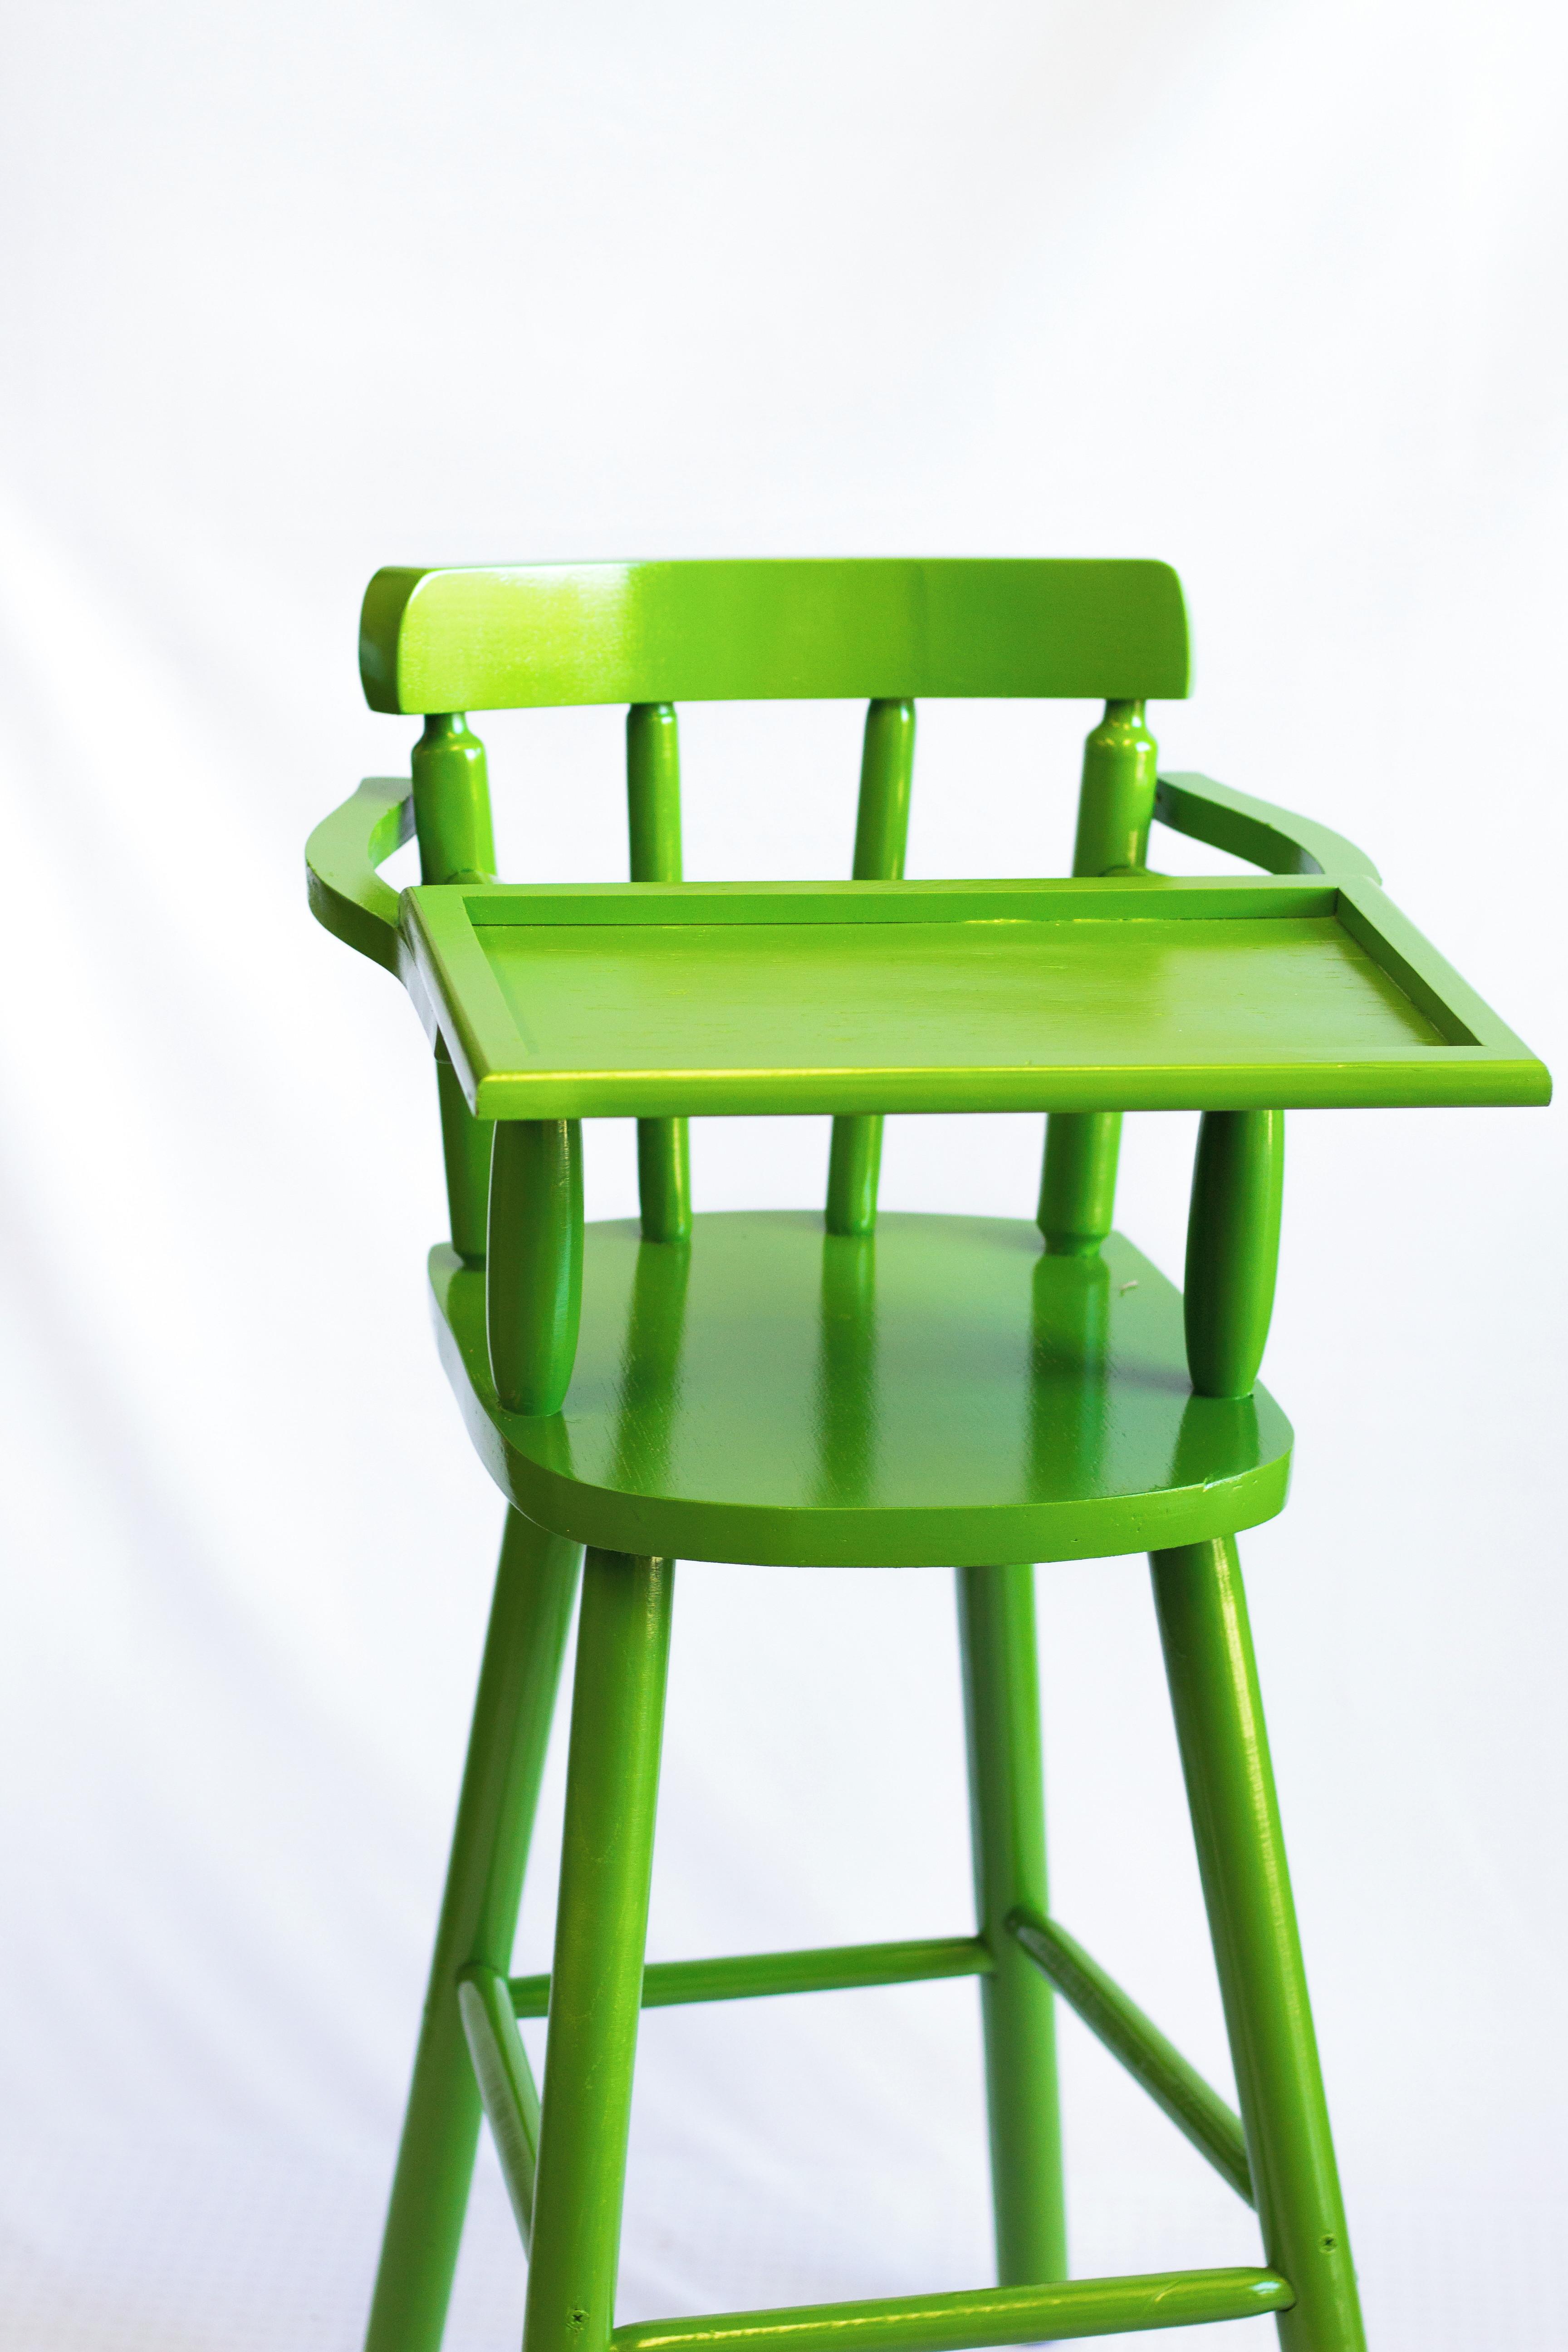 e51ebb801 Cadeira Bebê Para Refeição Alimentação Imbuia Resistente Dei no Elo7 |  WORLD CADEIRAS (D64C4A)